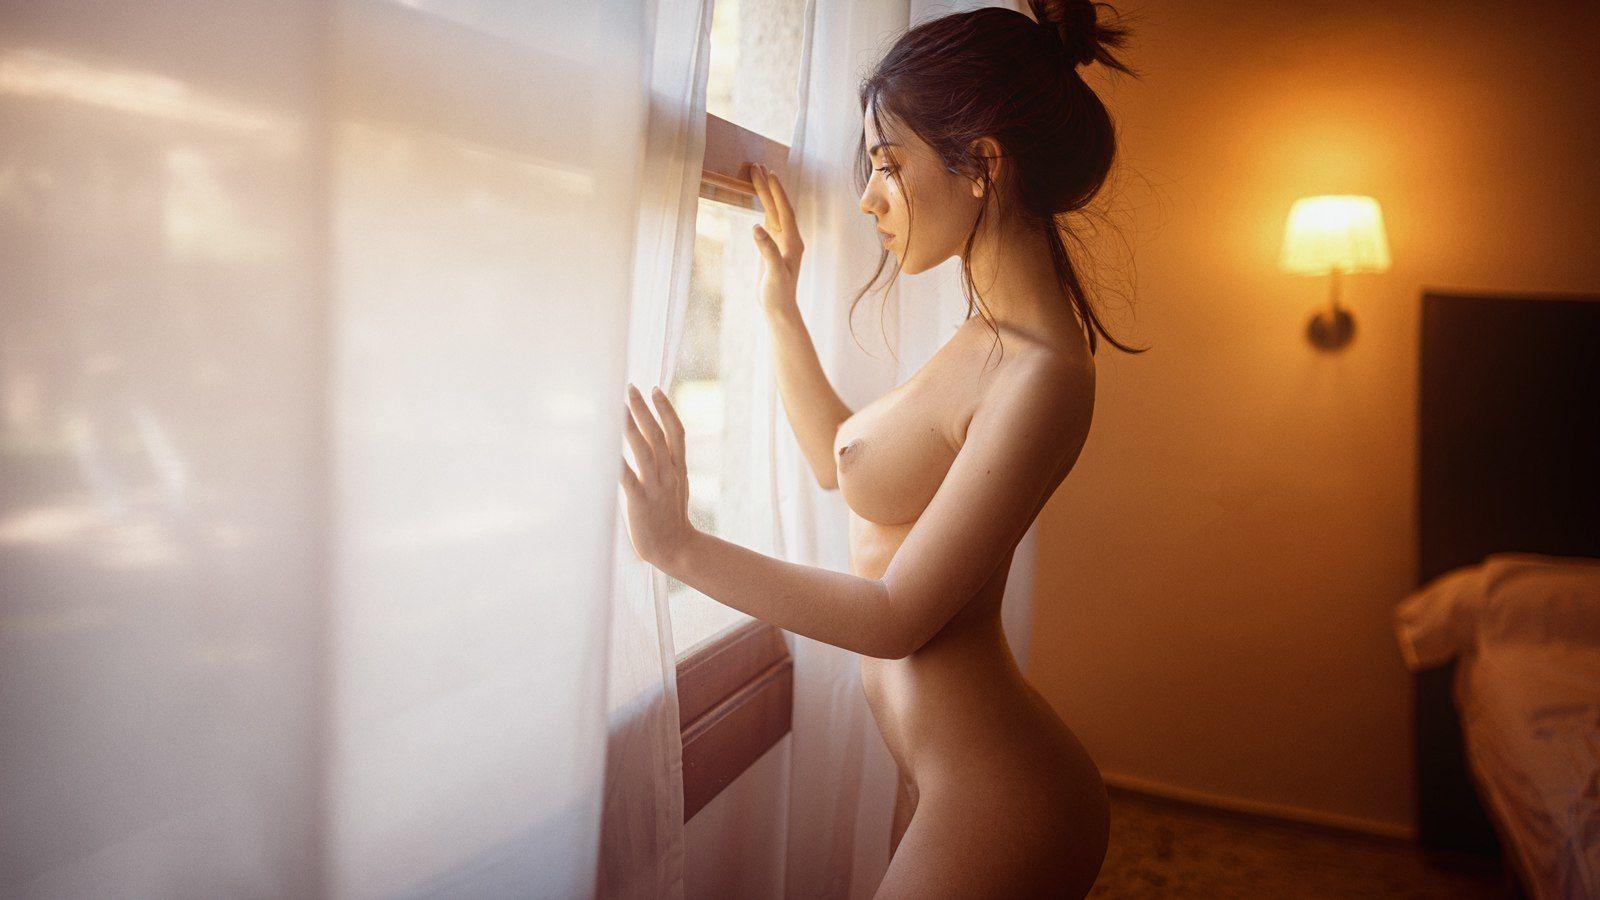 photographers explict nude portrait